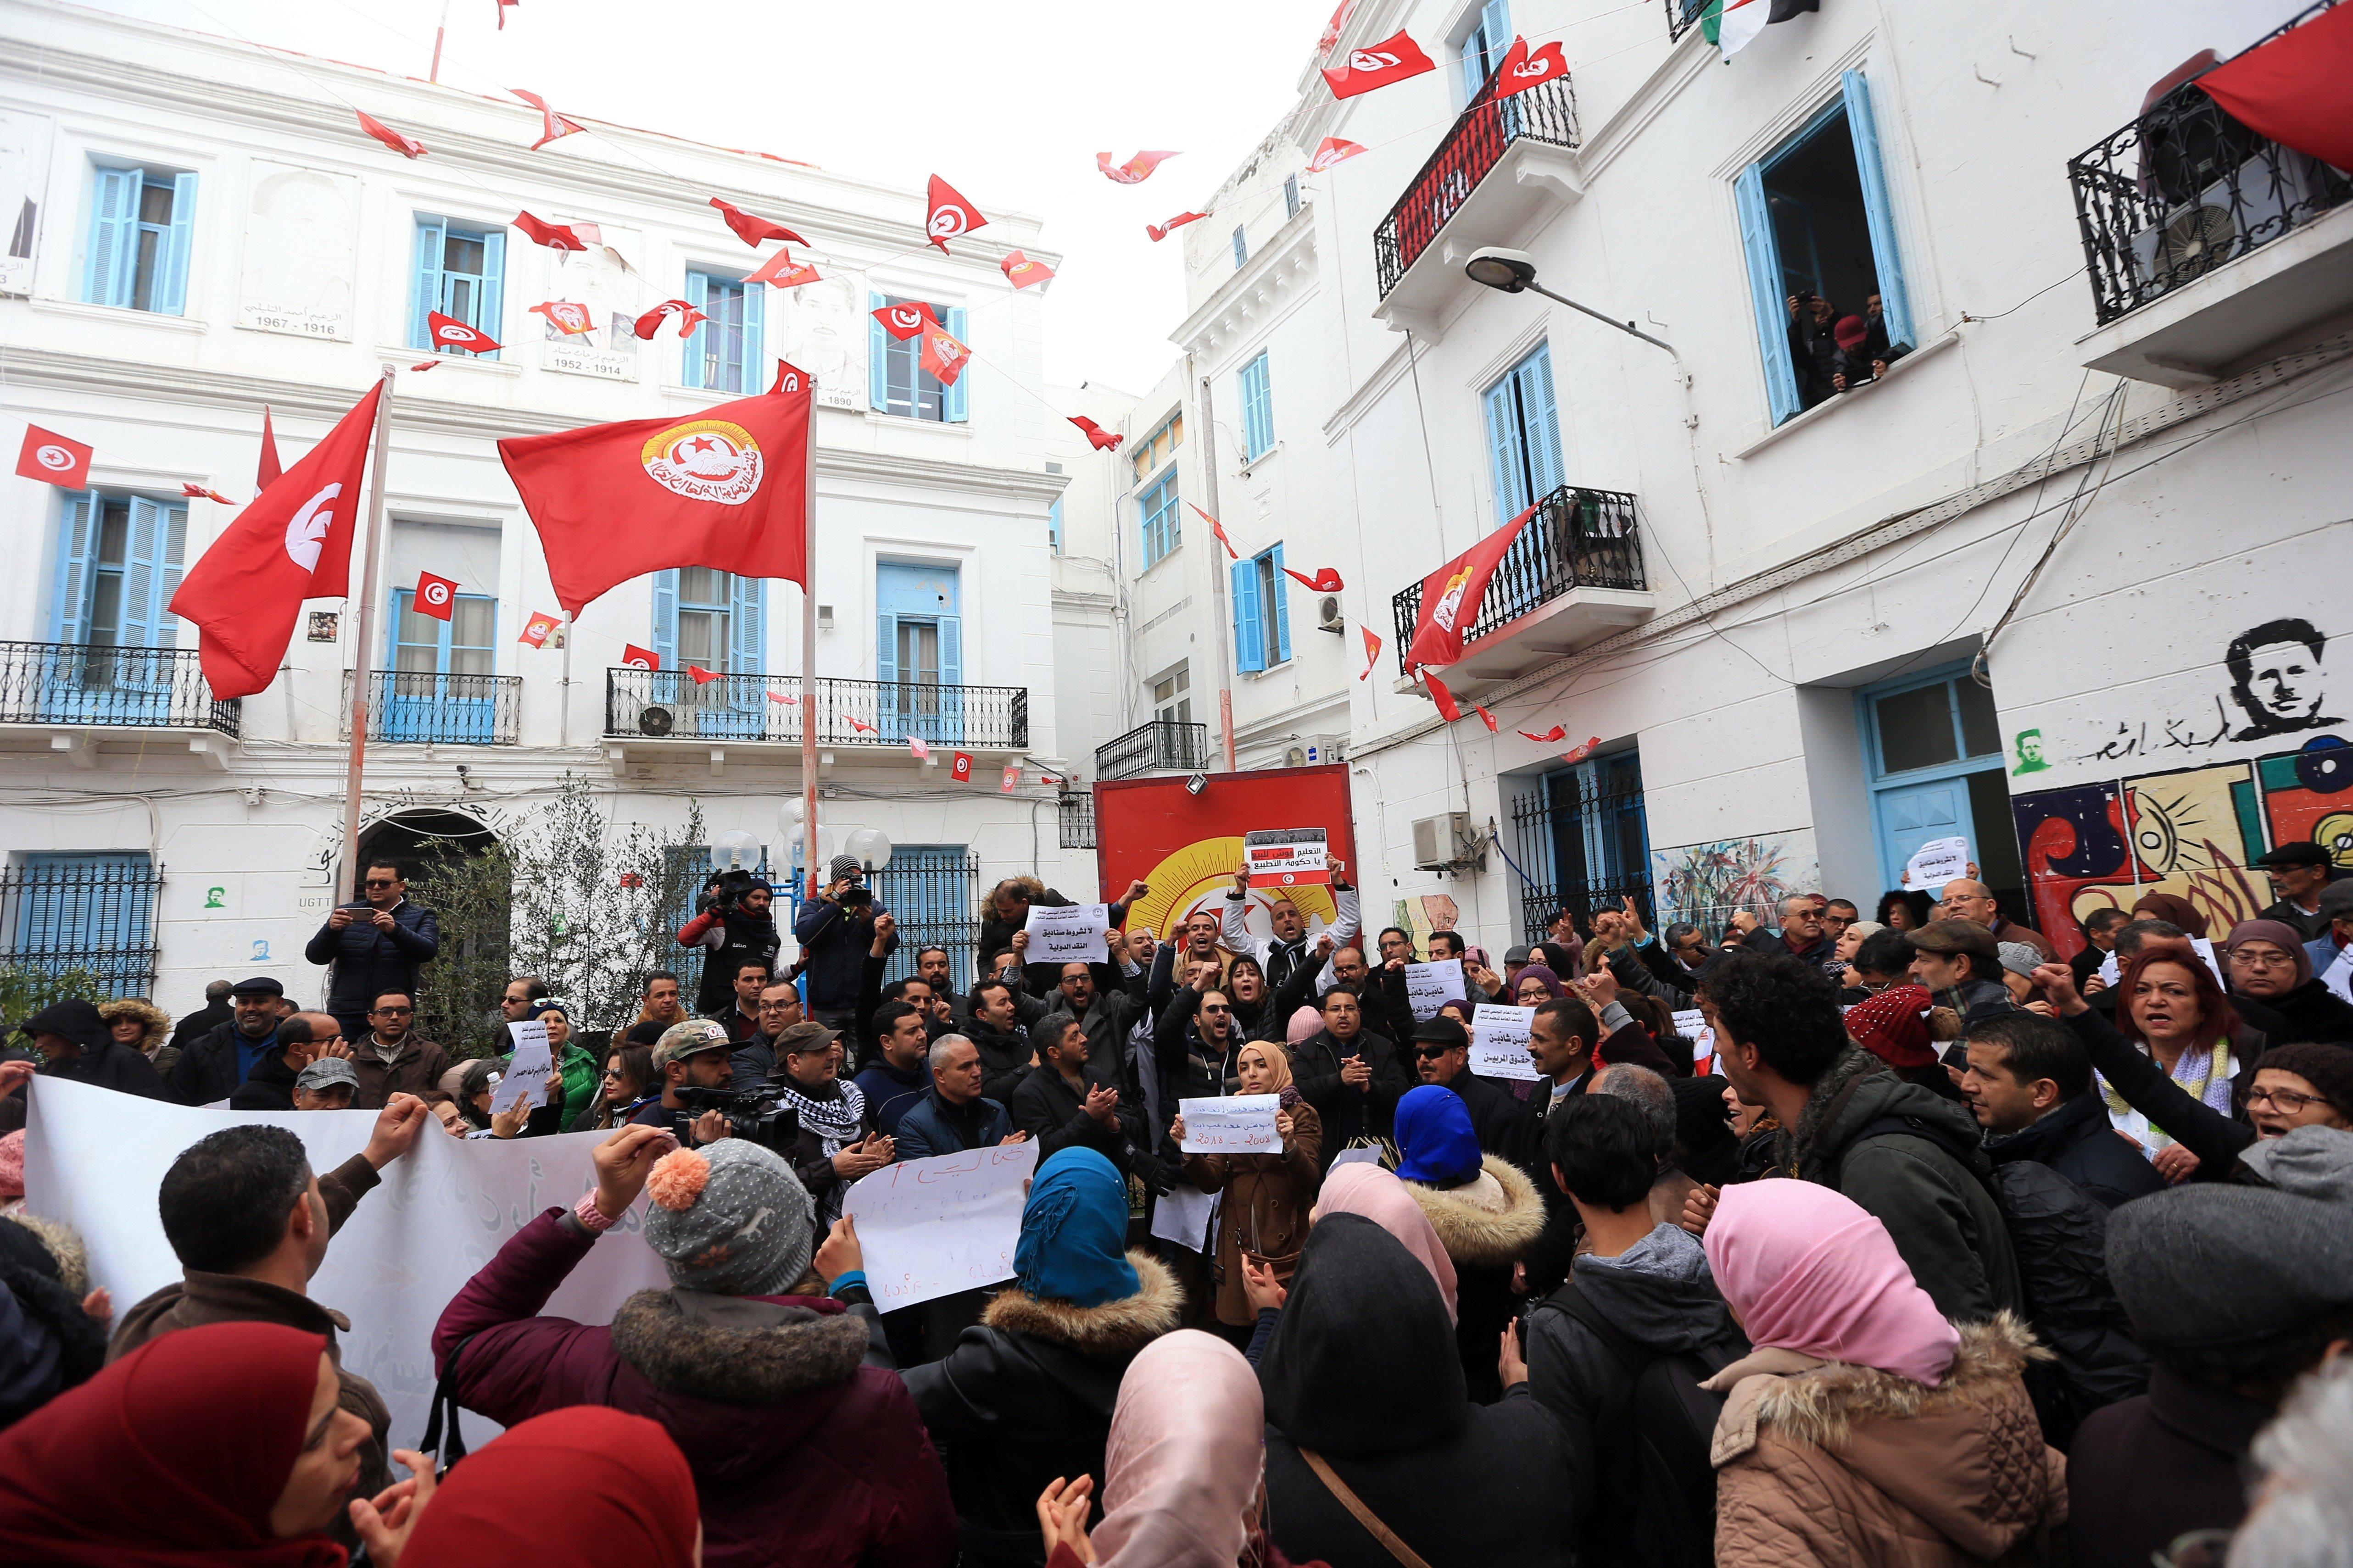 Grève générale: La situation pourrait dégénérer le 17 janvier, selon le secrétaire général-adjoint de